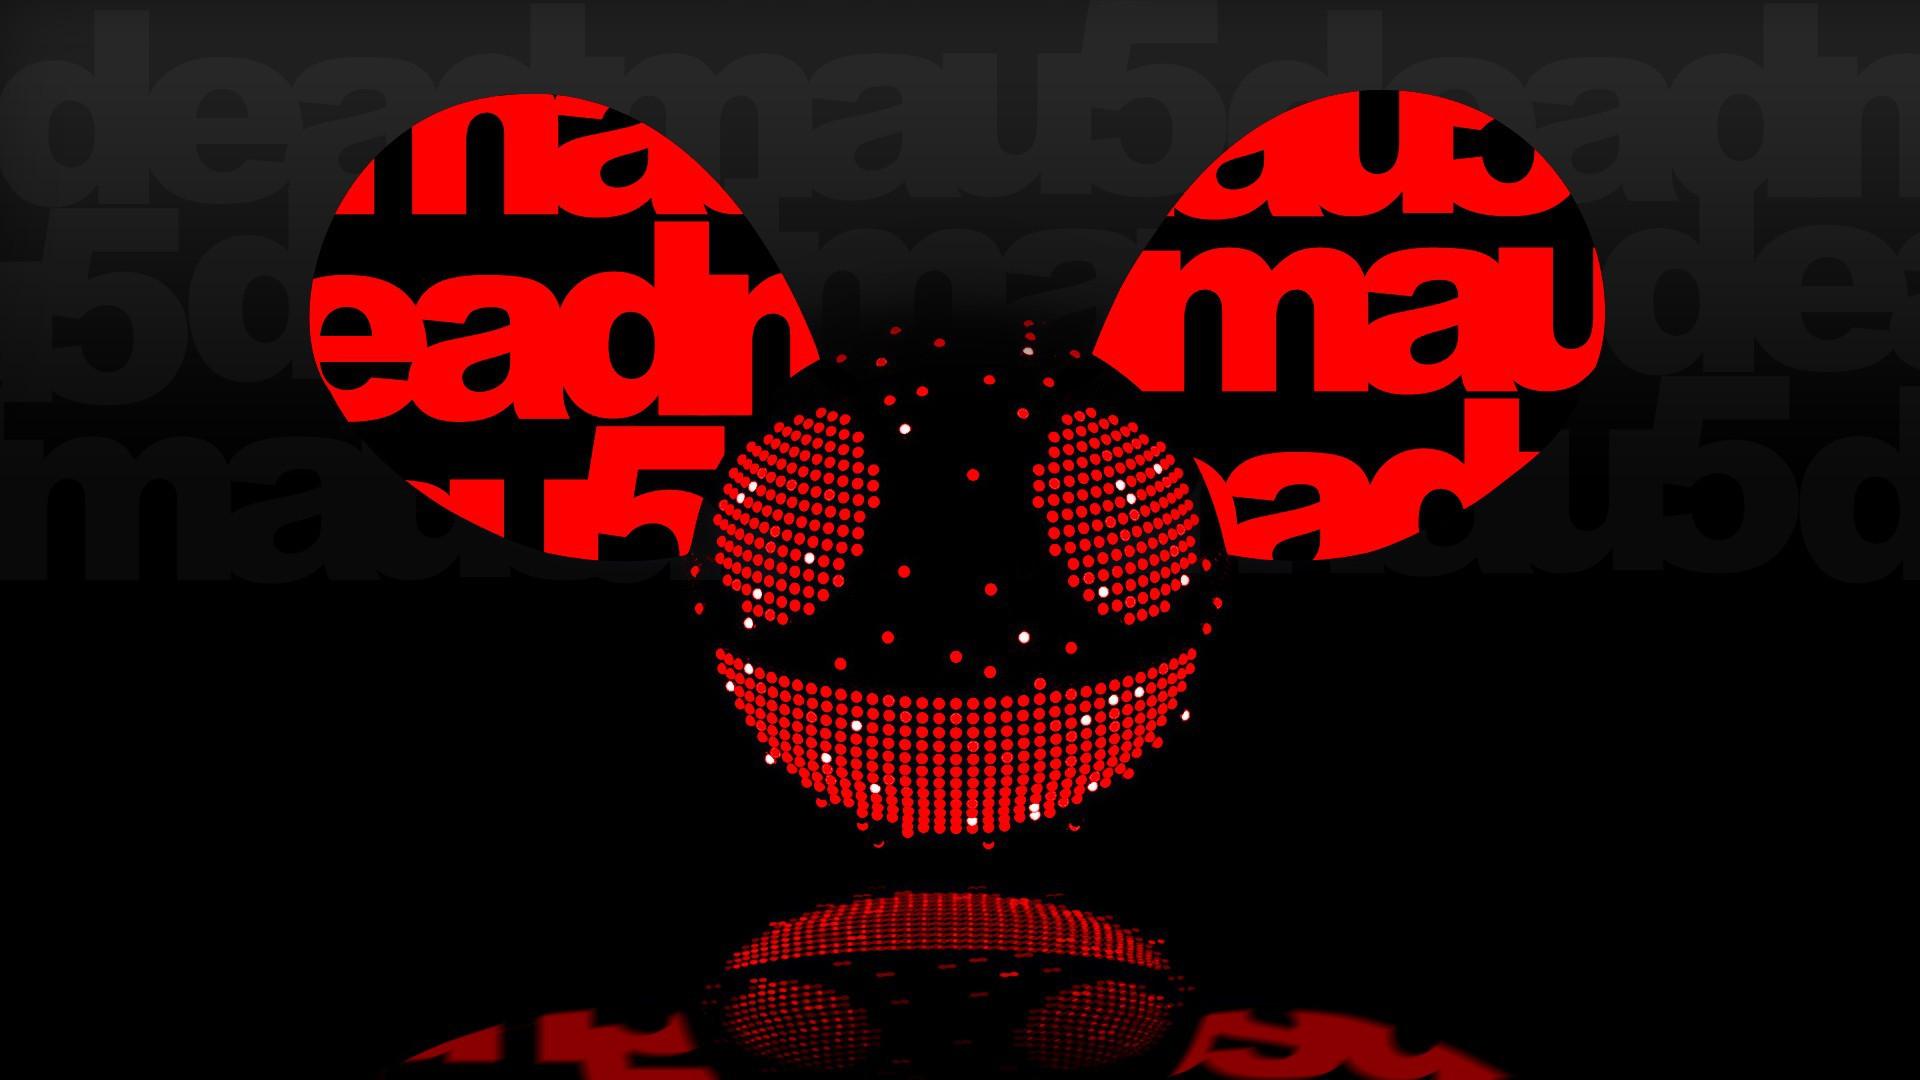 deadmau5 music red wallpaper - photo #35